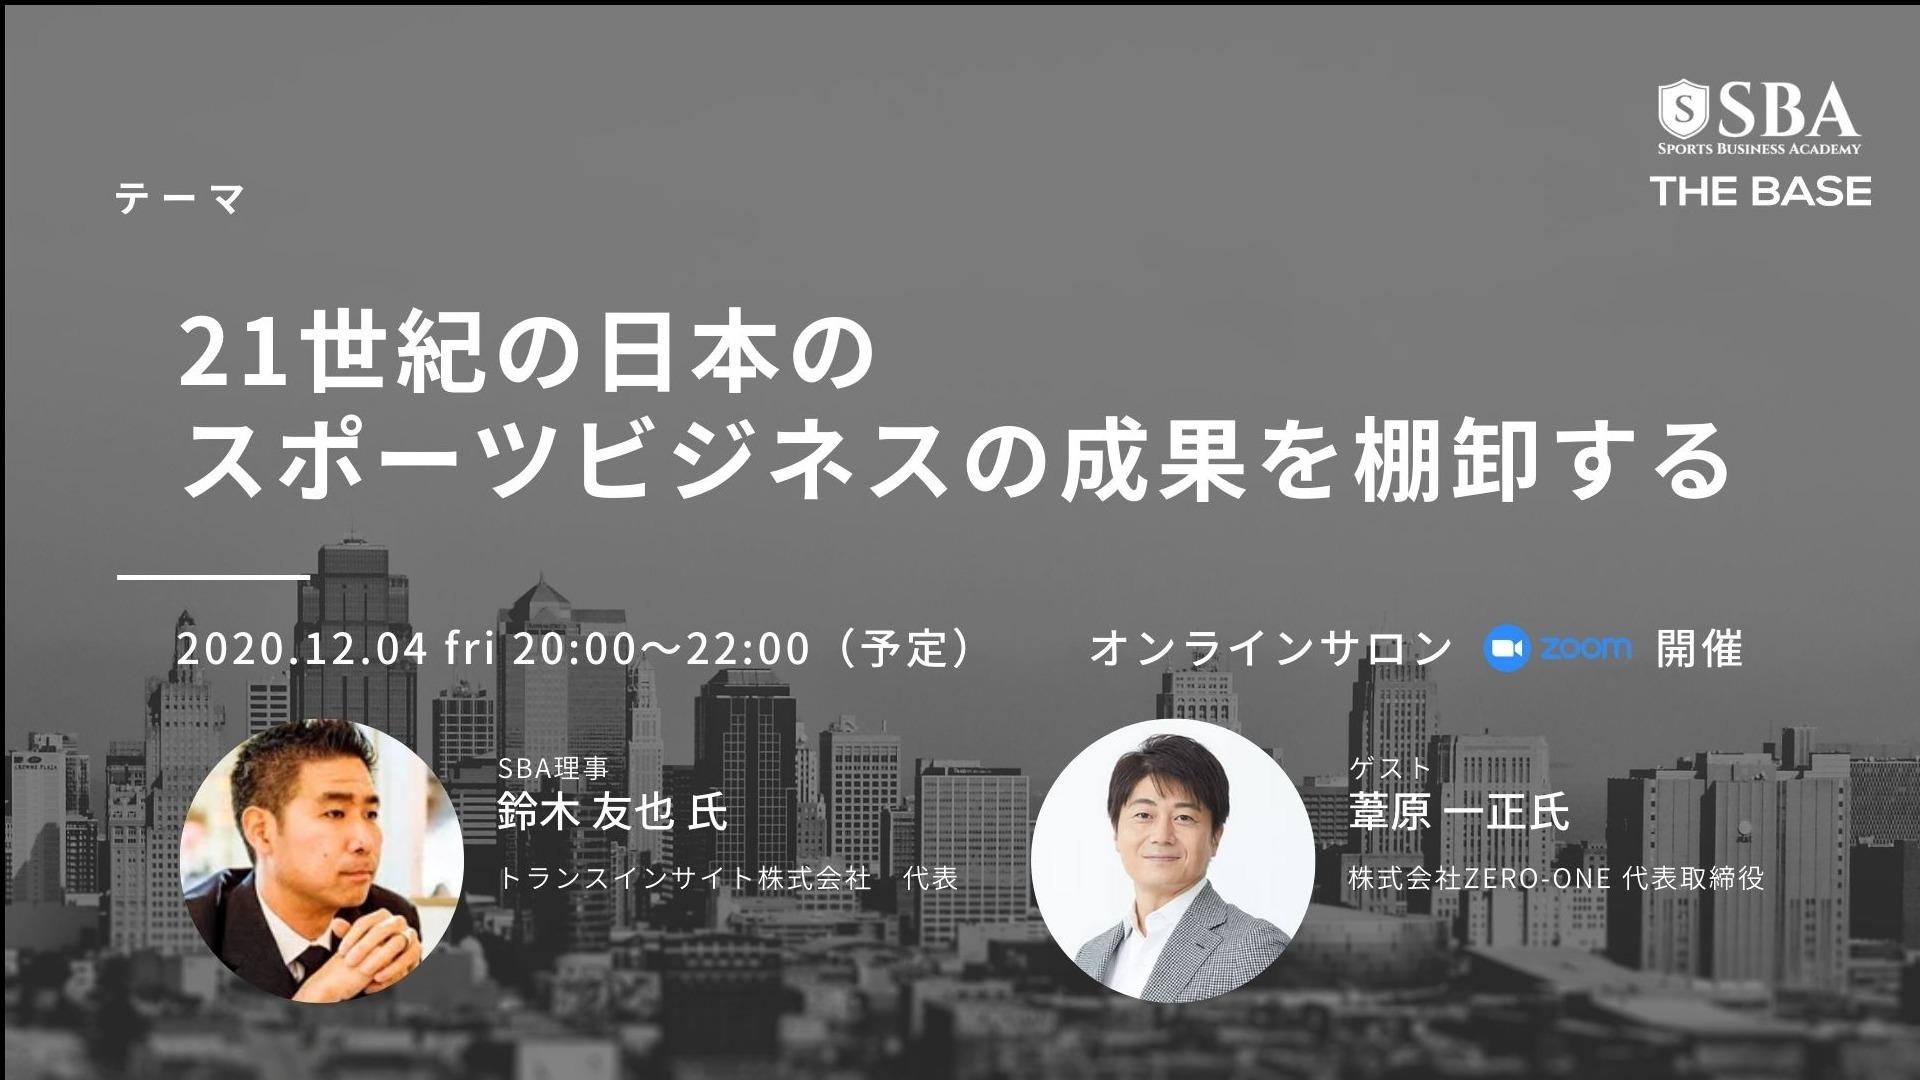 21世紀の日本のスポーツビジネスの成果を棚卸する